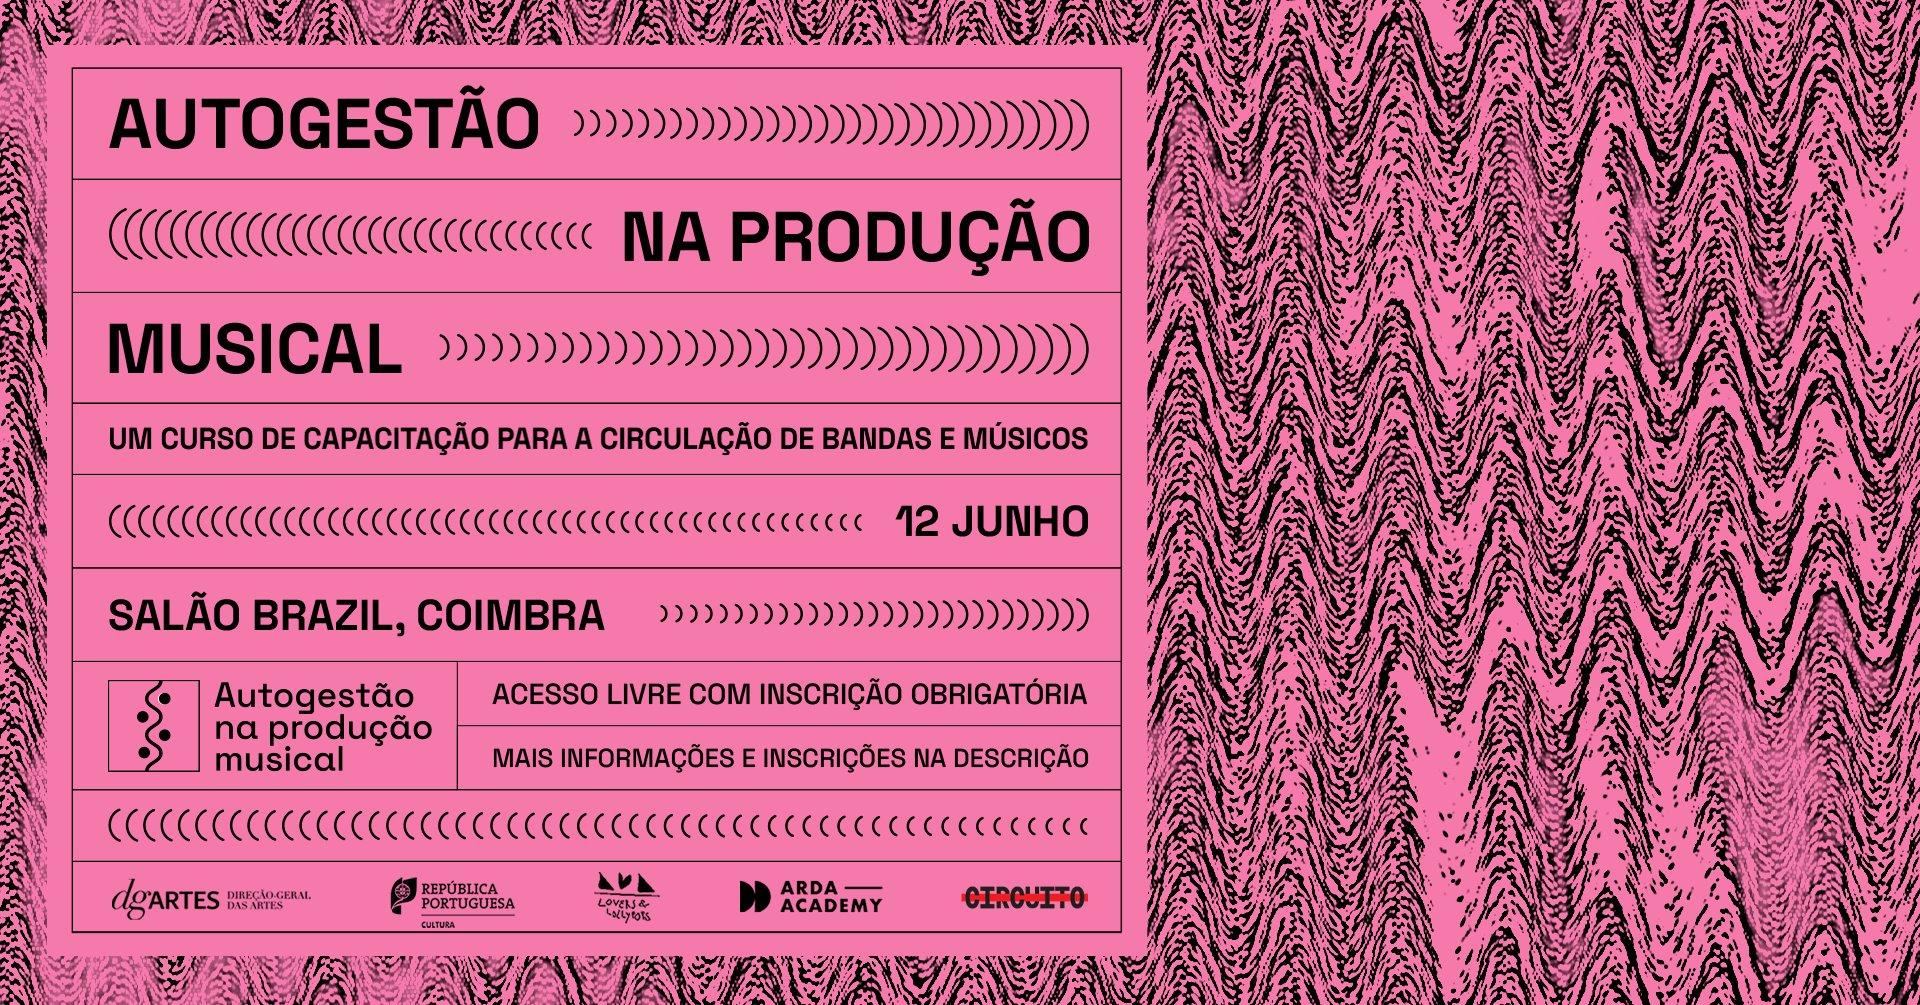 Autogestão na Produção Musical - Curso de capacitação para circulação de bandas e músicos (Coimbra)